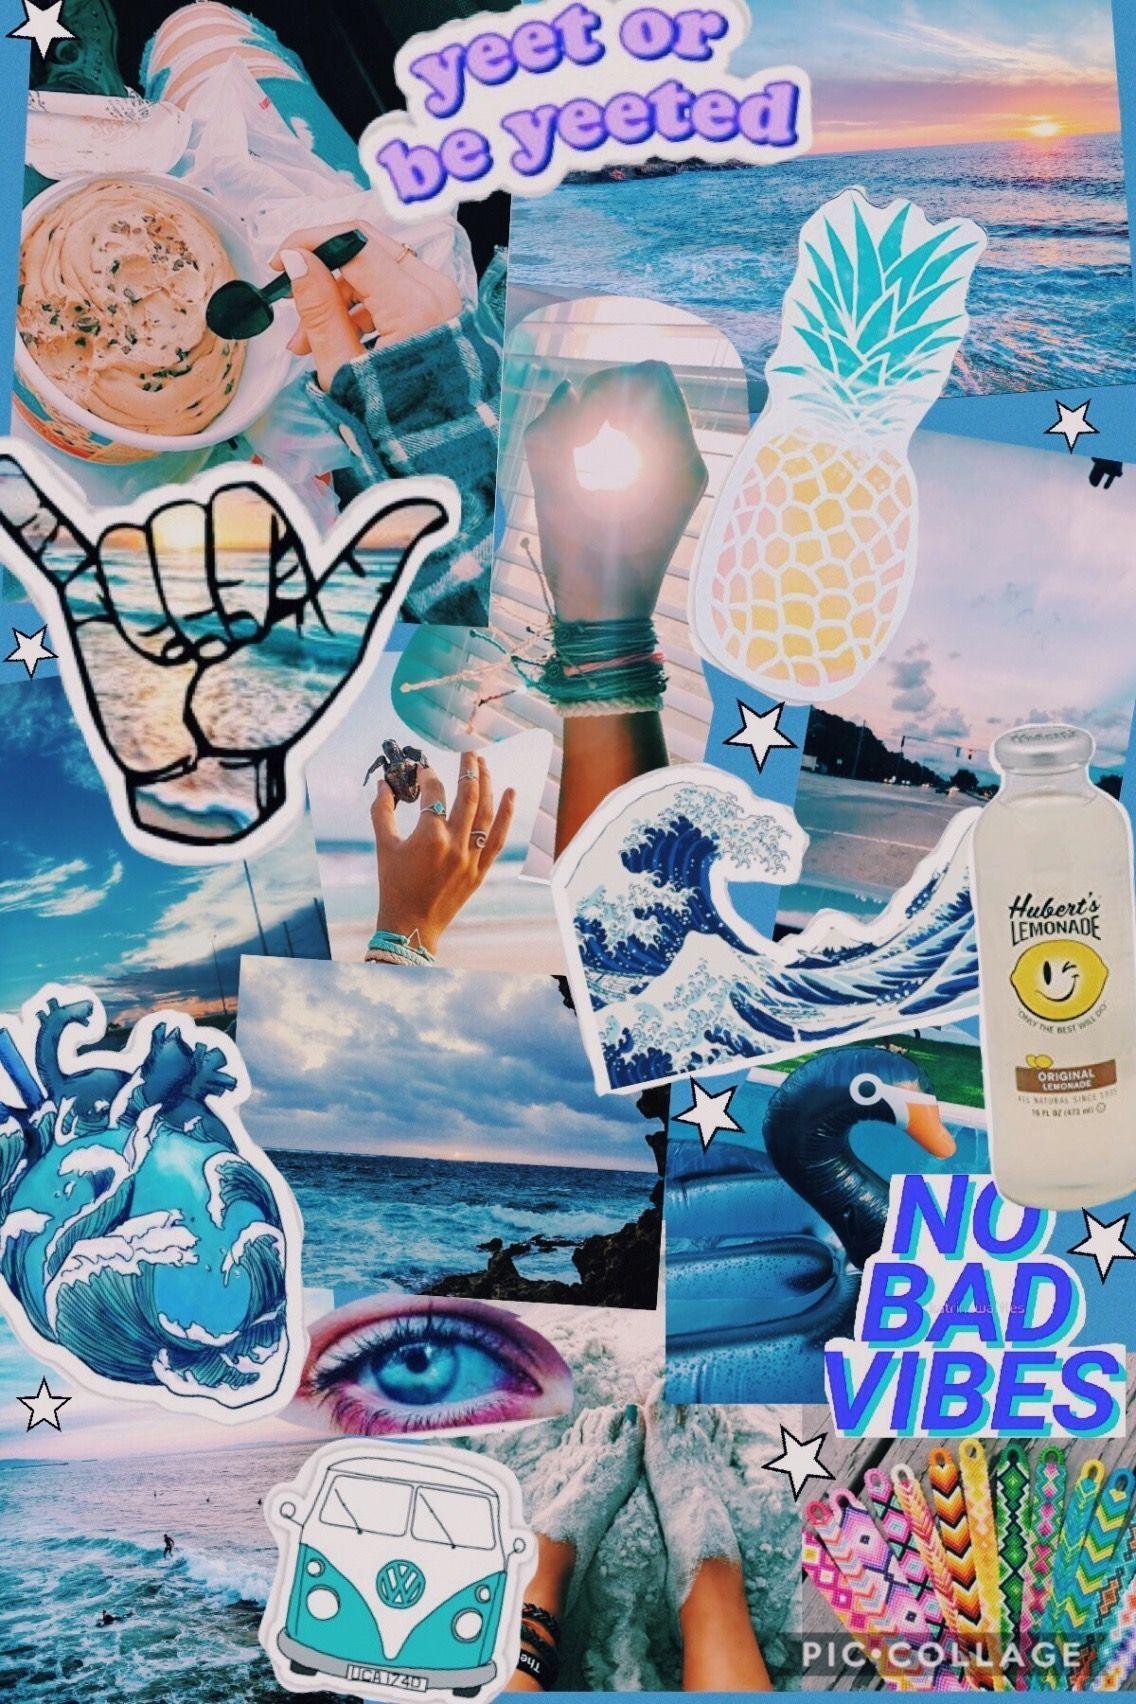 Iphone Wallpaper Summer Hintergrundbildiphone Tapete Wallpaper Iphone Summer Cute Patterns Wallpaper Aesthetic Iphone Wallpaper